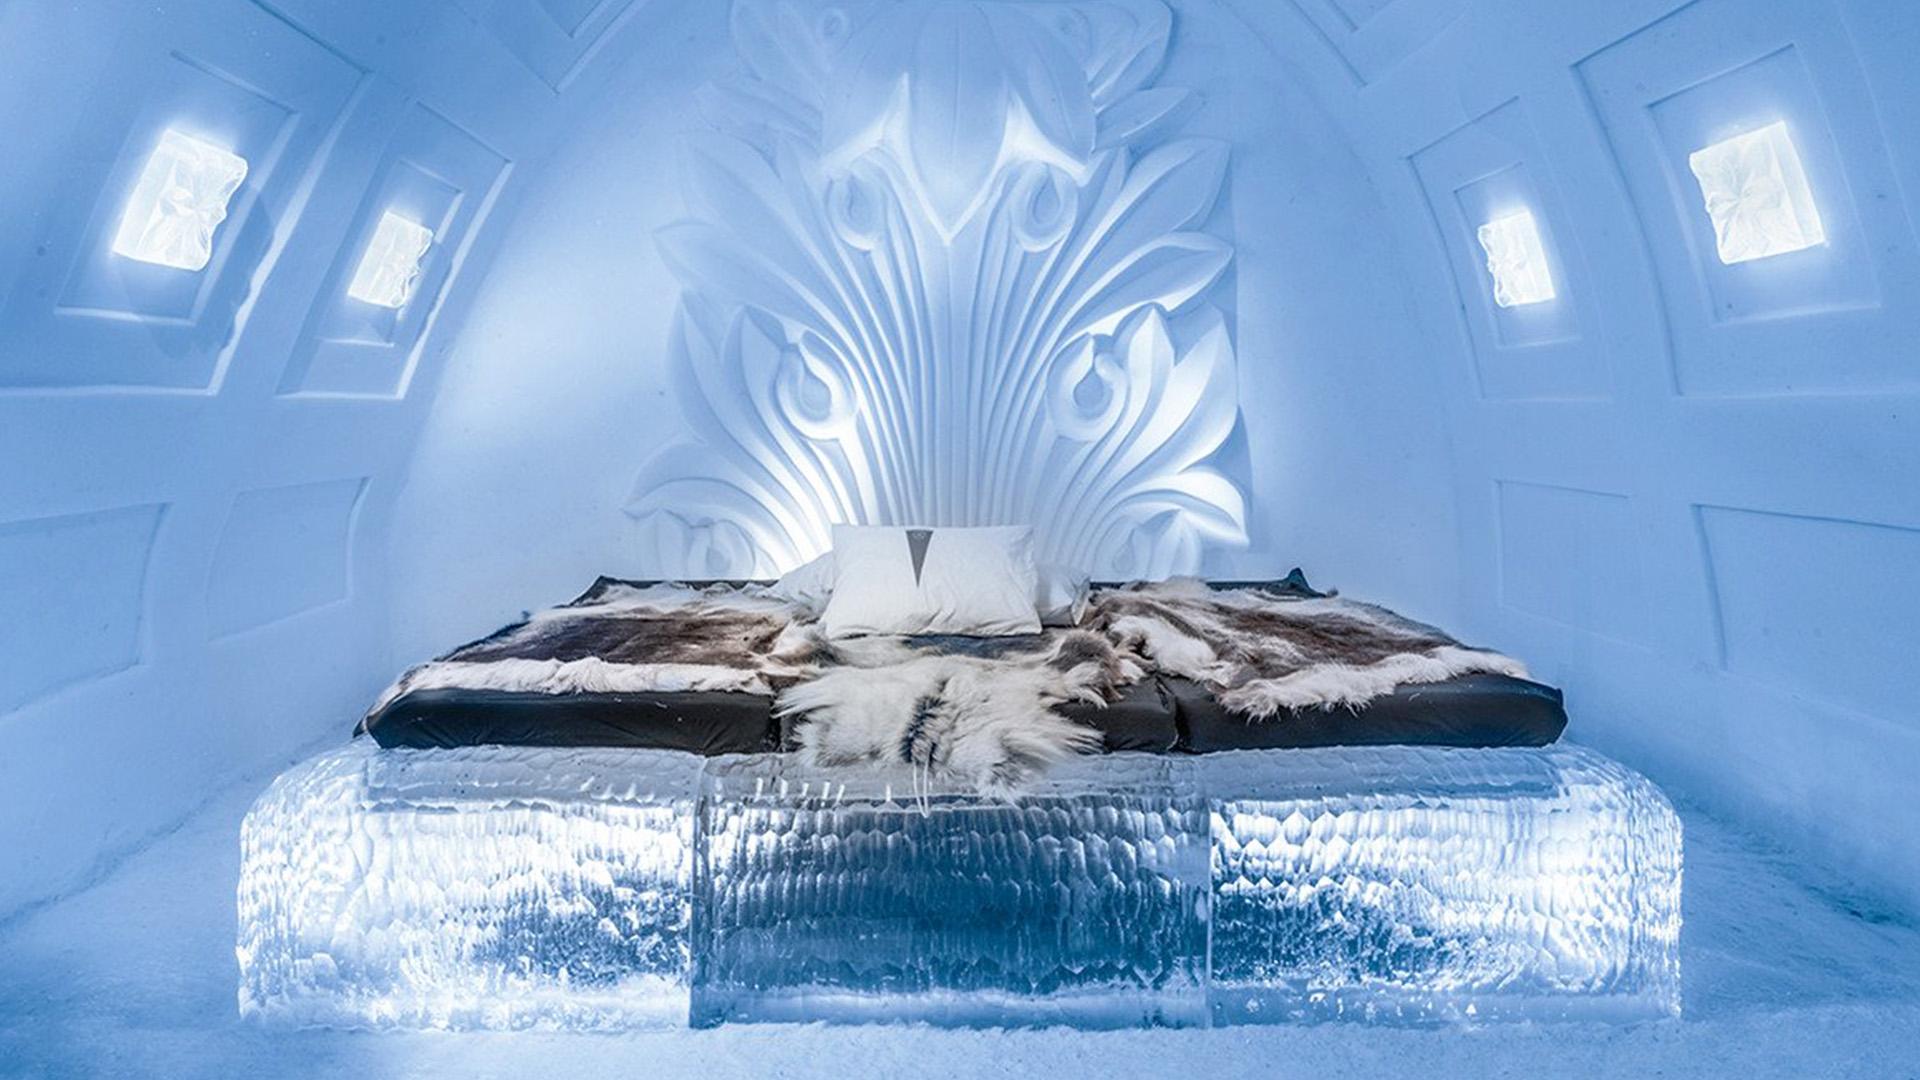 Hotel più strani al mondo: da quello di Minecraft alle stanze di Hogwarts